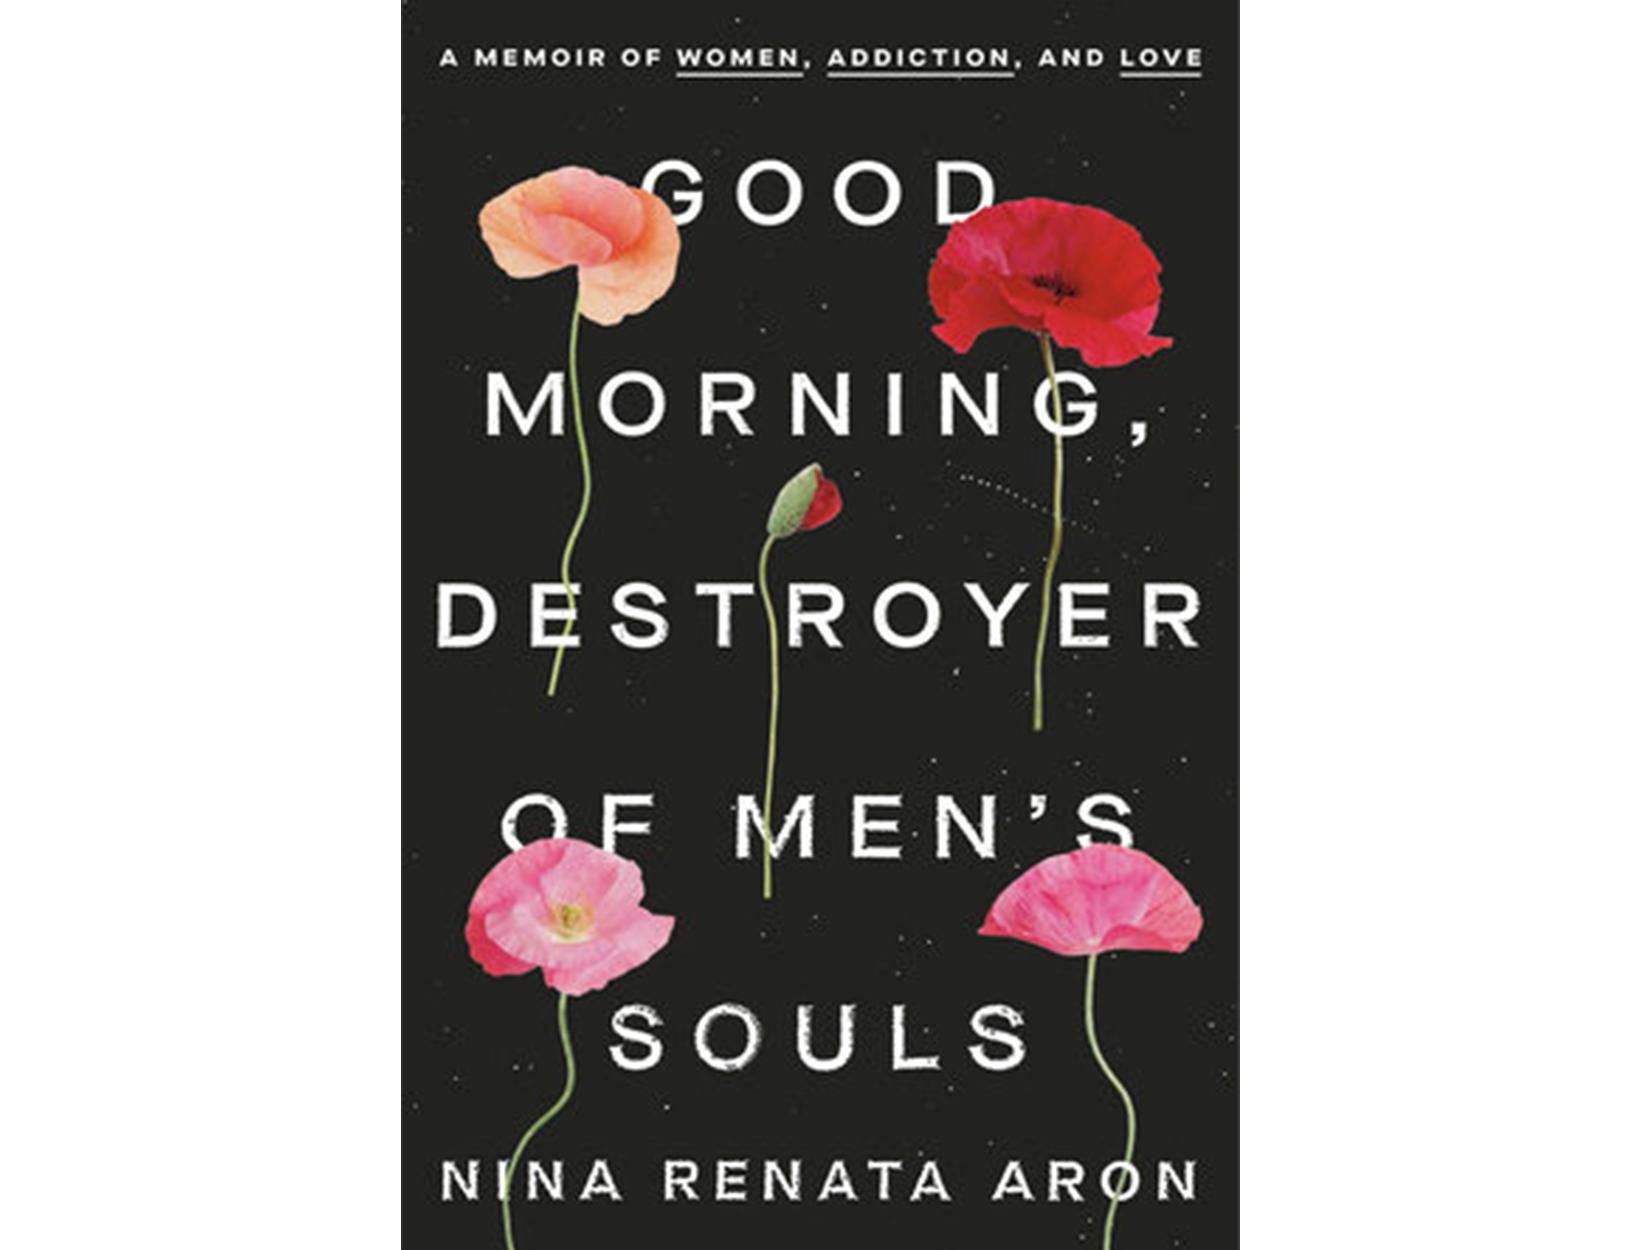 <em>Good Morning, Destroyer of All Men's Souls</em> by Nina Renata Aron